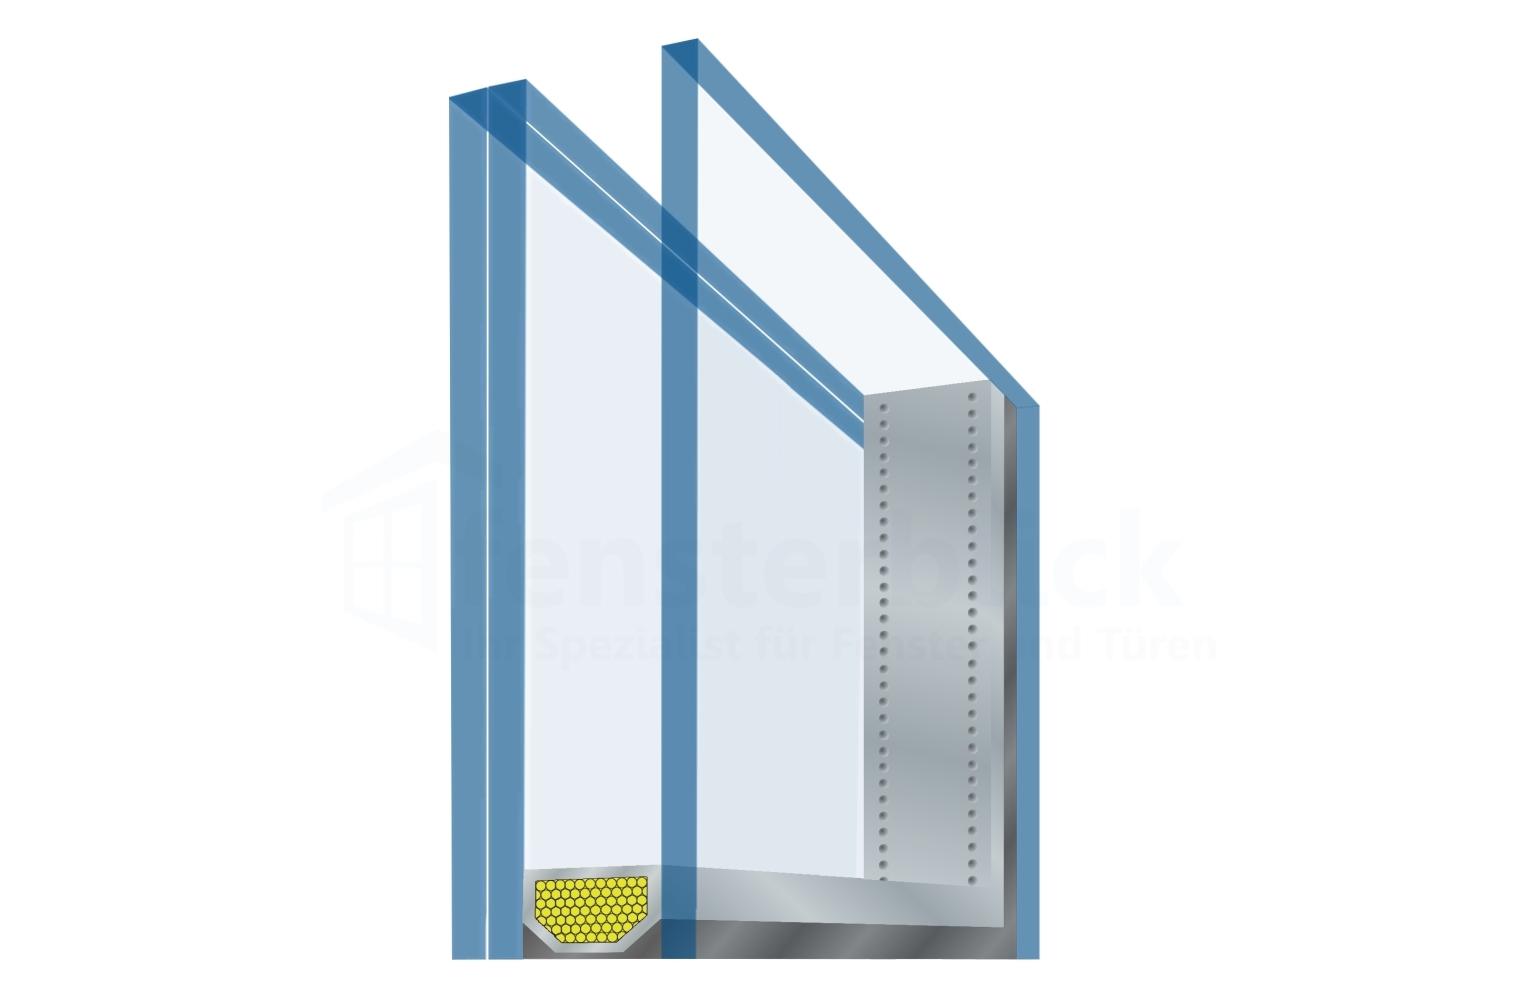 schutzglas uv schutzglas einbruchschutz brandschutz. Black Bedroom Furniture Sets. Home Design Ideas